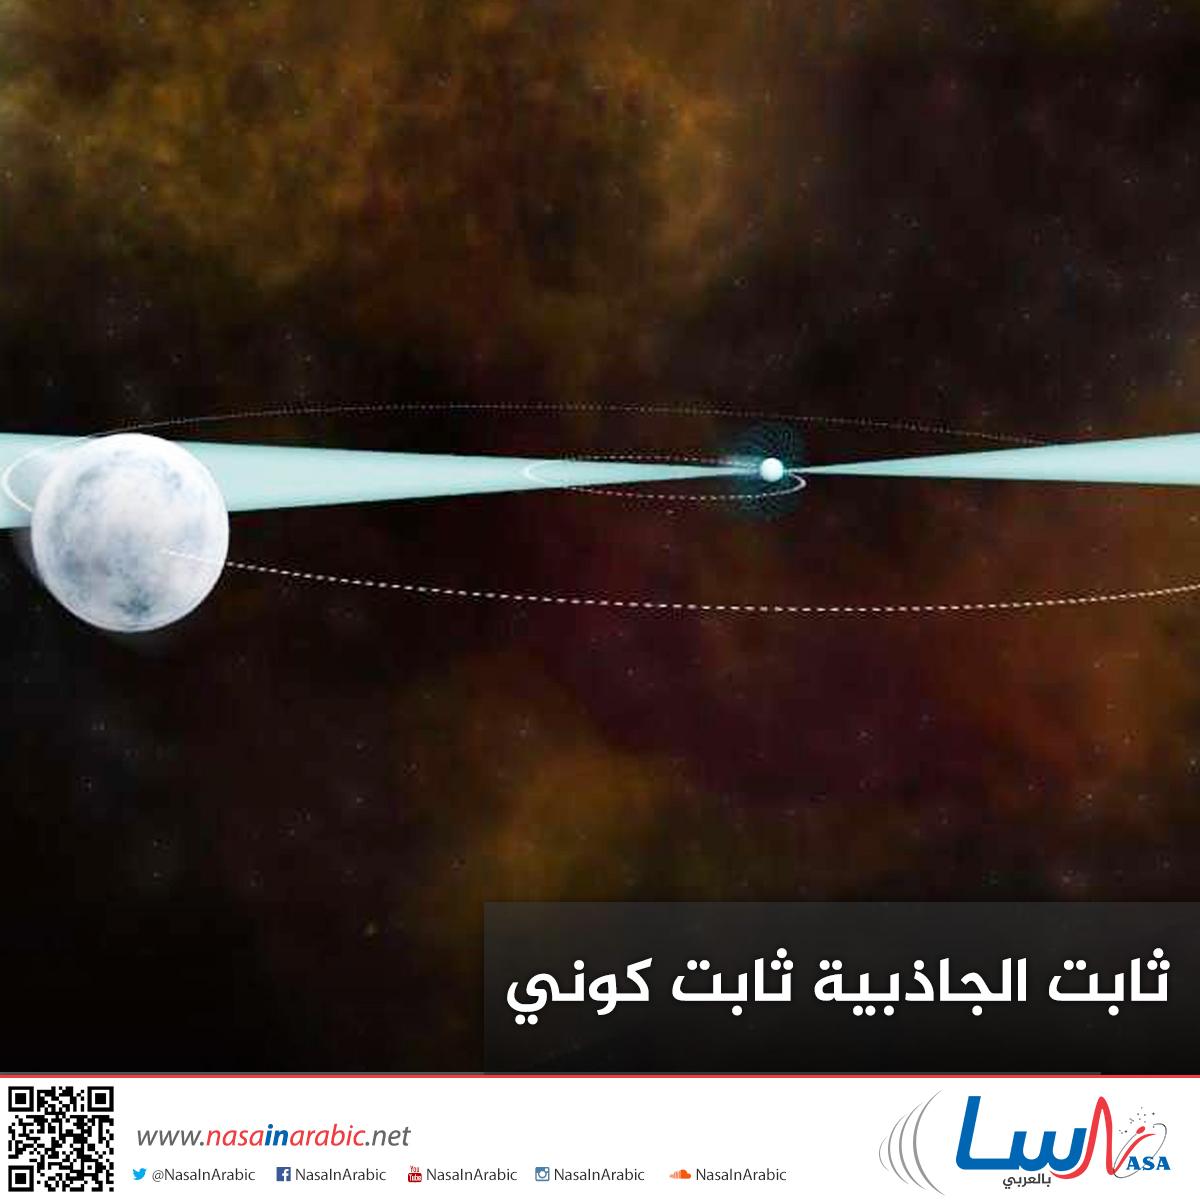 ثابت الجاذبية ثابت كوني !!